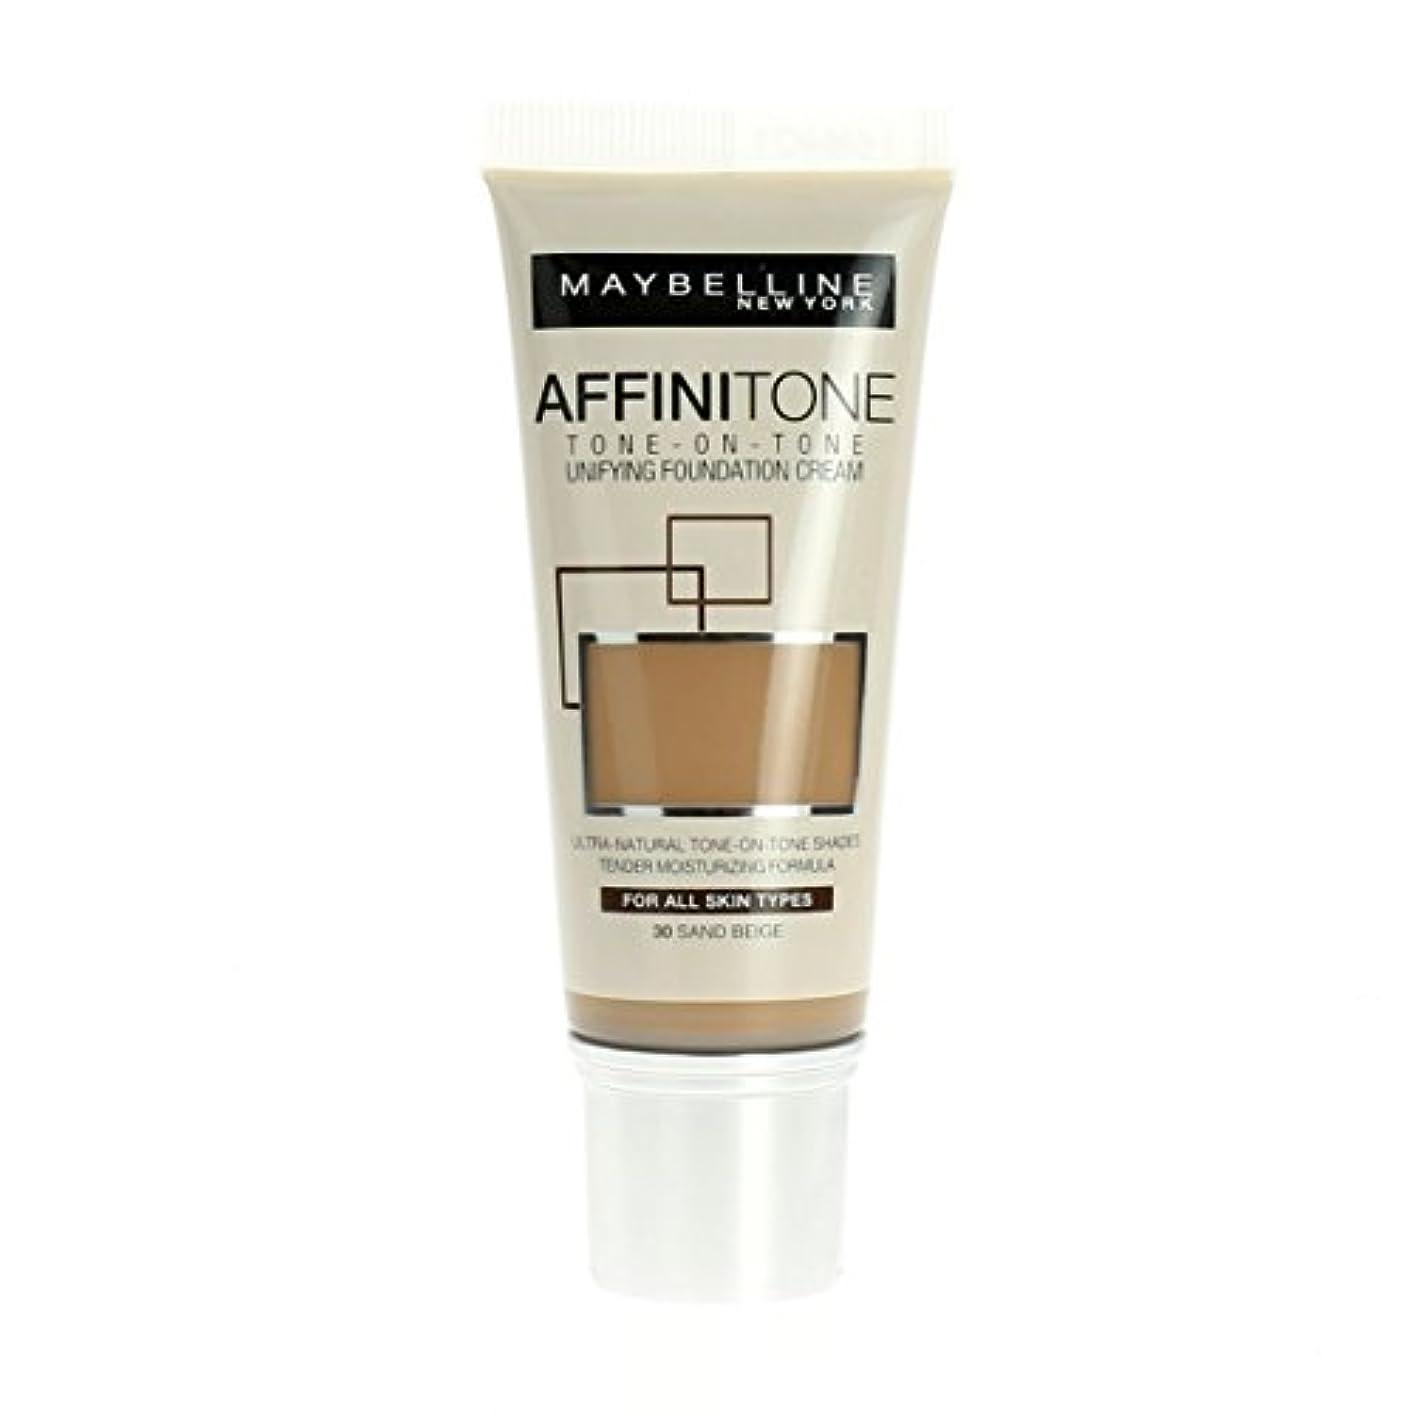 近所の国荒らすMaybelline Affinitone Unifying Foundation Cream (30 Sand Beige) 30 ml